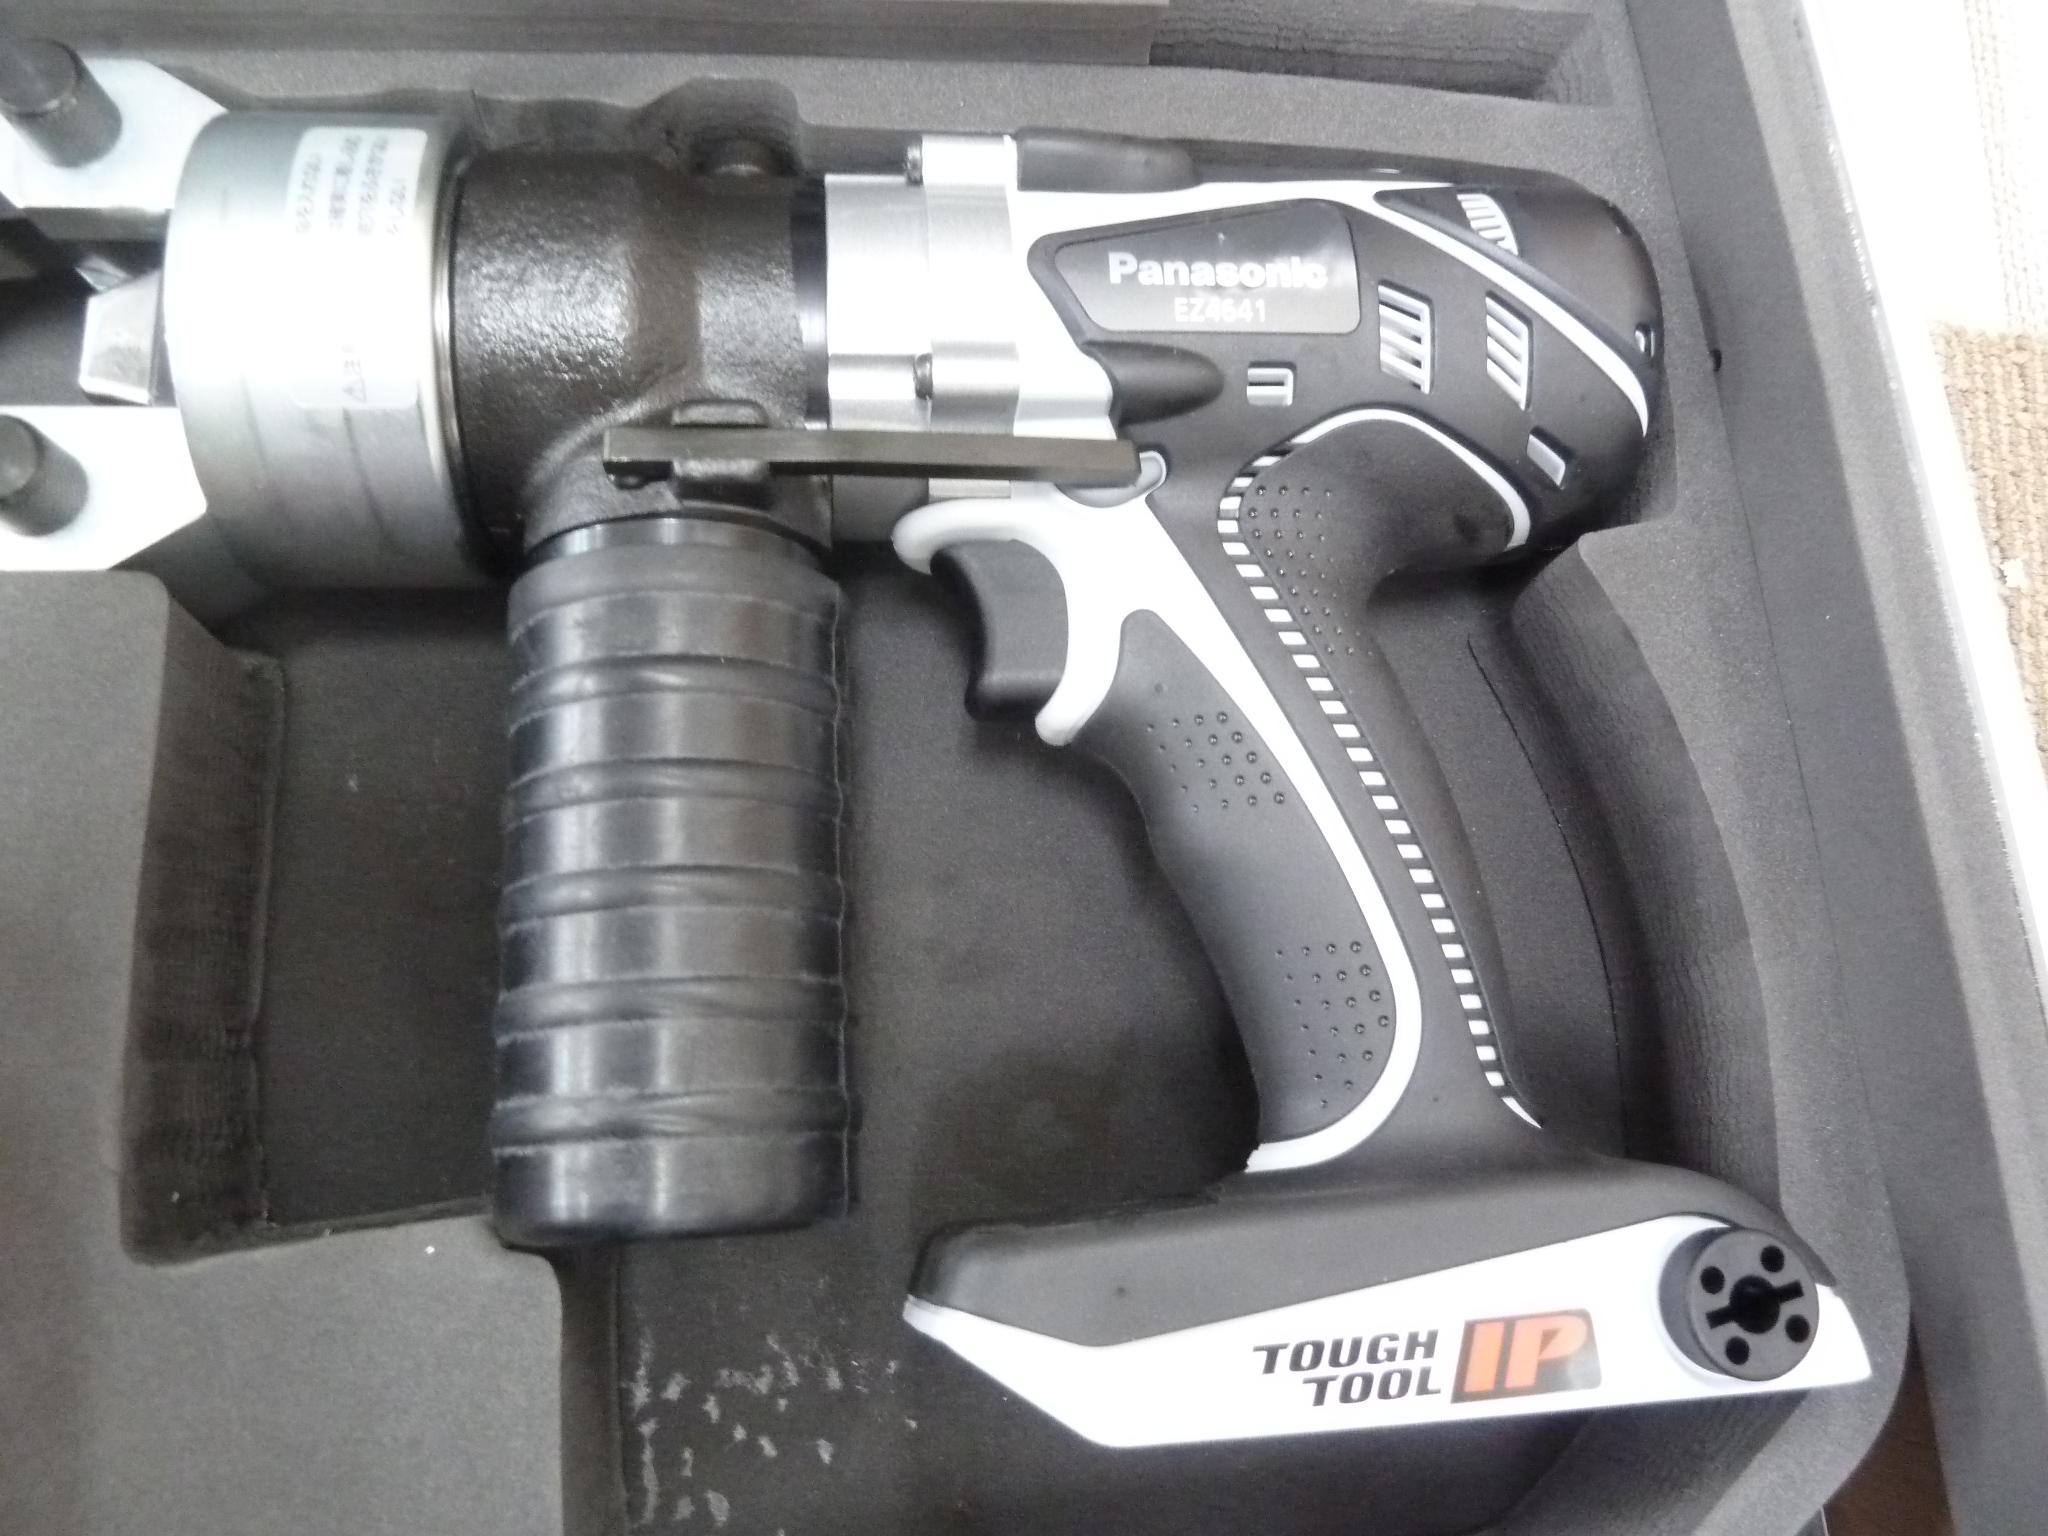 パナソニック 圧着器/ケーブルカッター(圧着ダイスセットつき) 充電式 14.4V  EZ4641K-Hを買い取りしました!岡山店